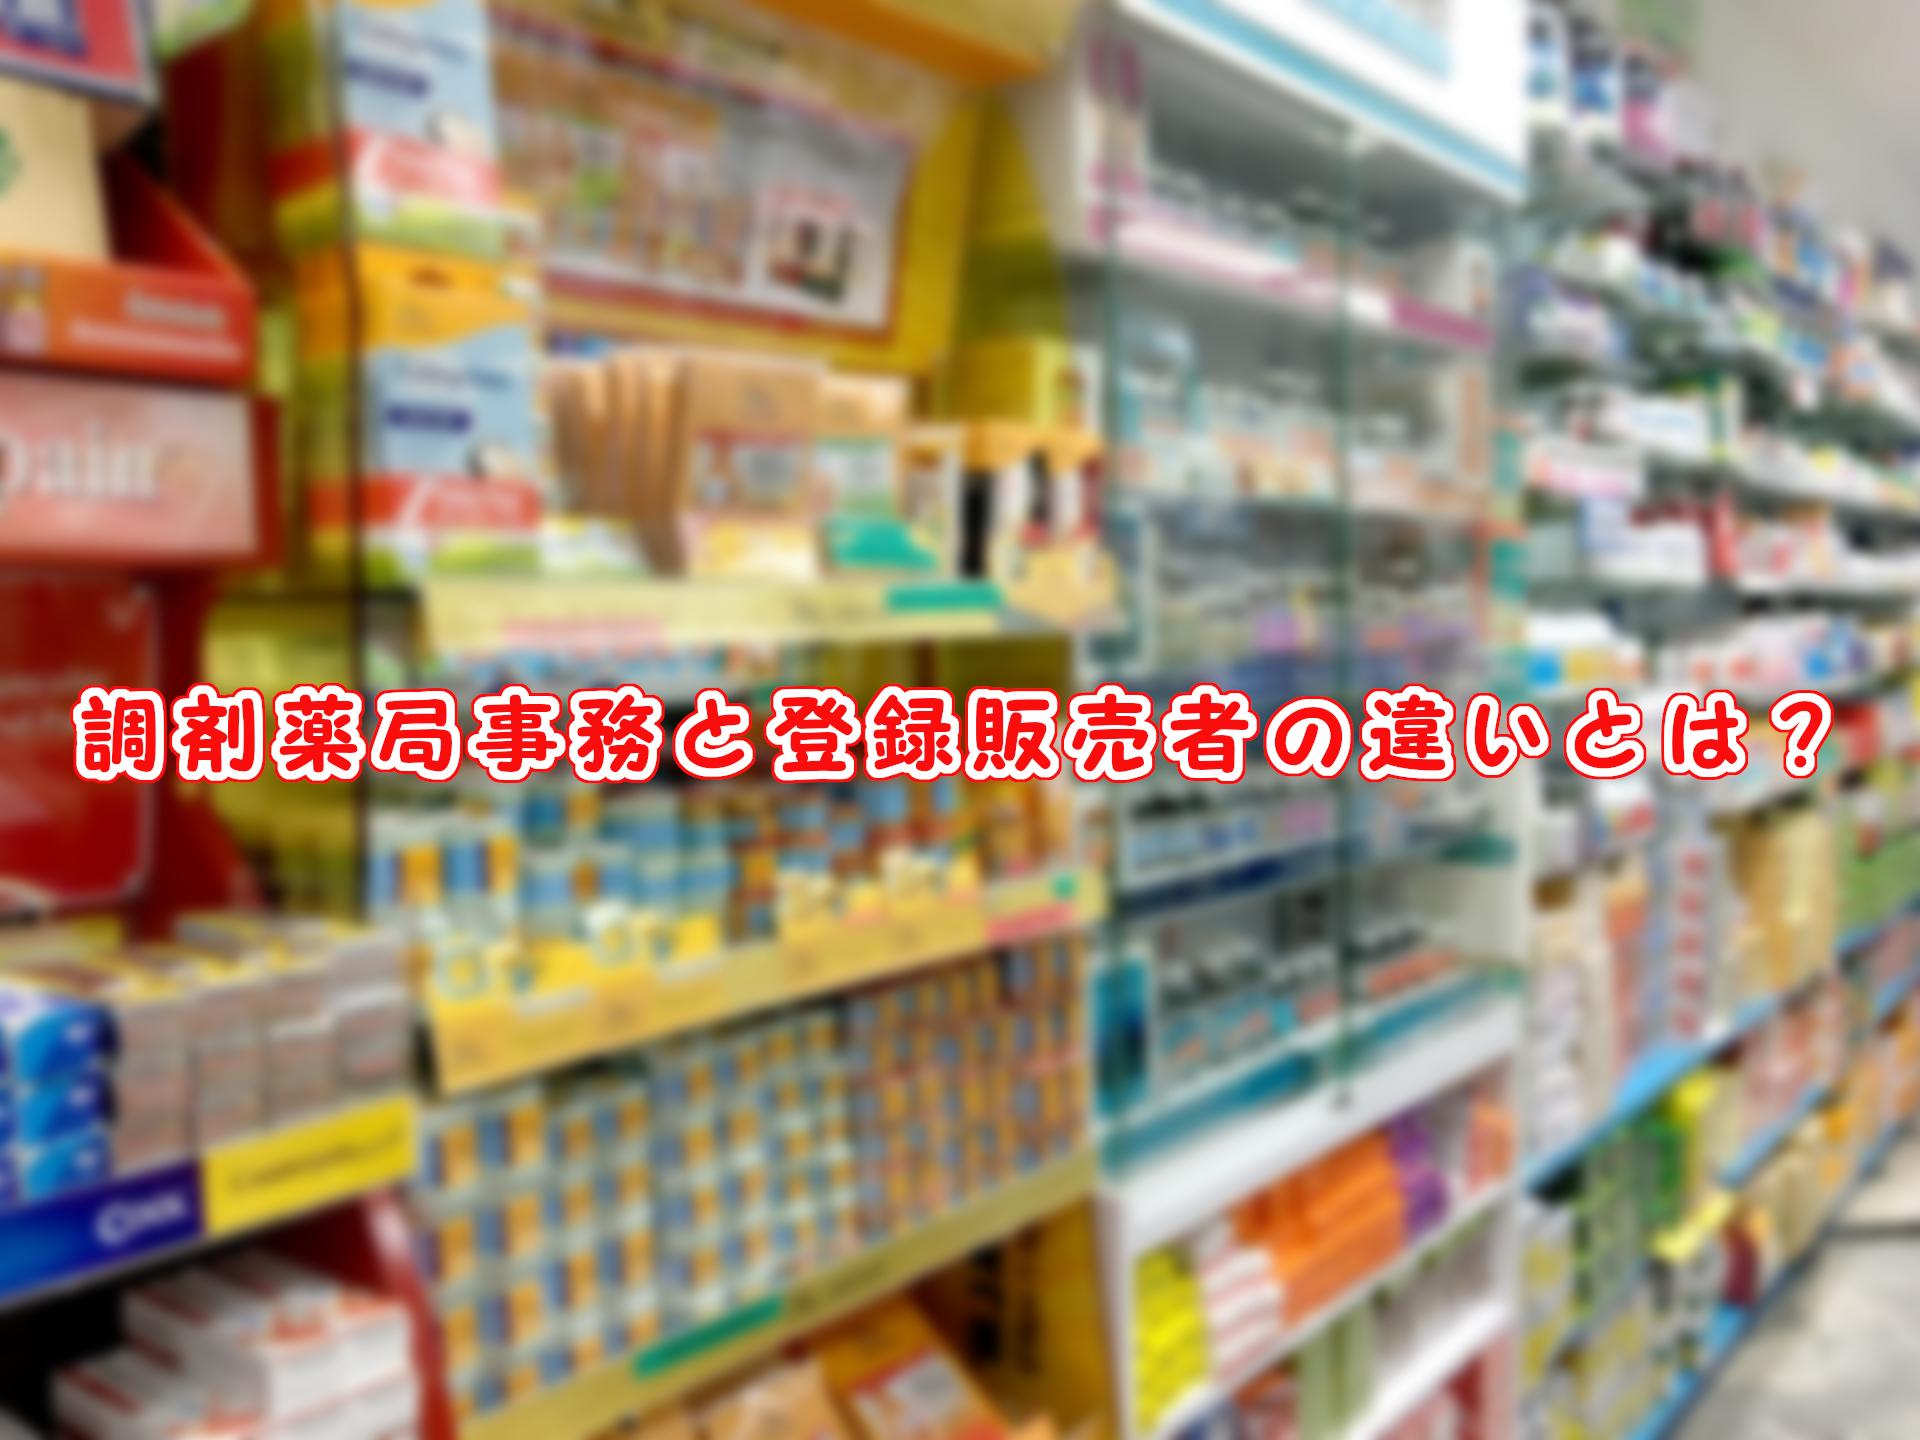 調剤薬局事務と登録販売者の違い